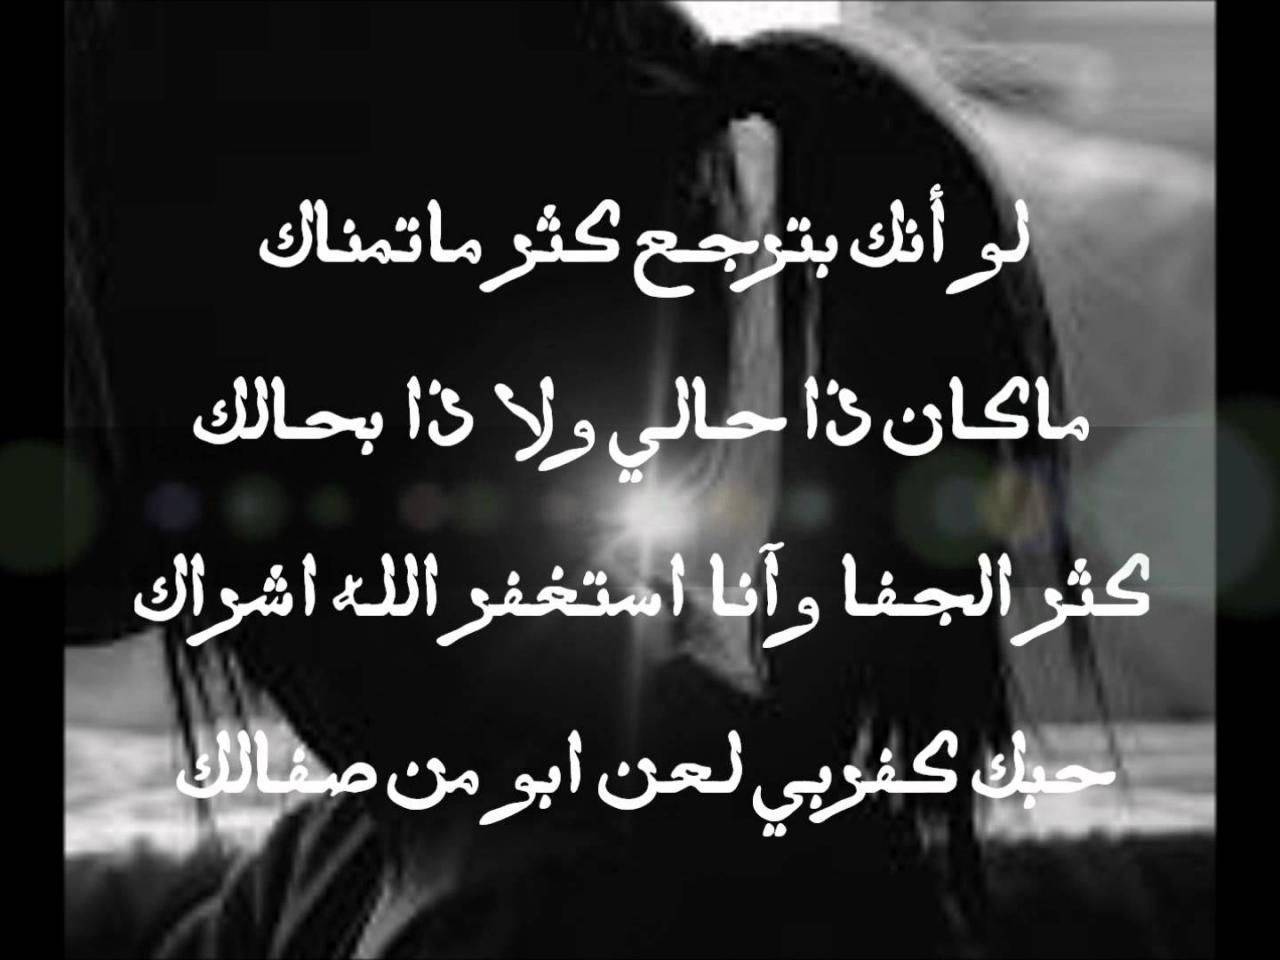 صورة قصائد حزينة عن الحب , اجمل اشعار الحب